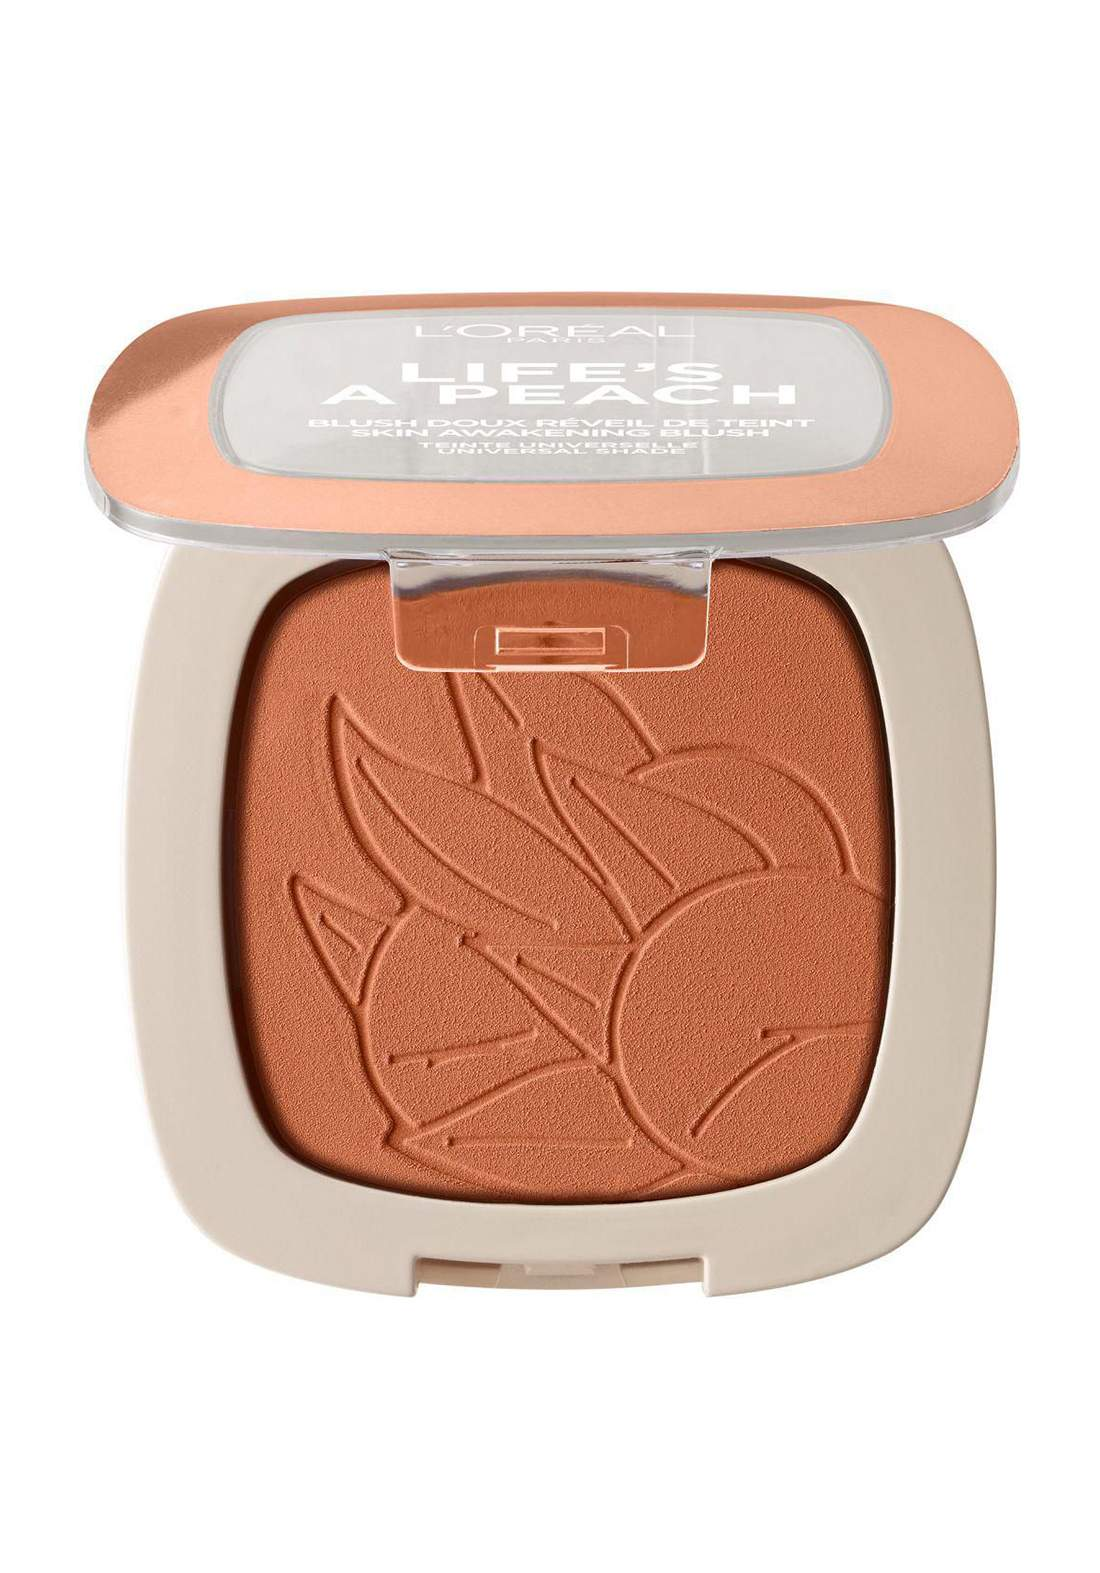 L'Oreal Paris Life's A Peach Blush Powder 01 Eclat Peach (027-1047) احمر خدود